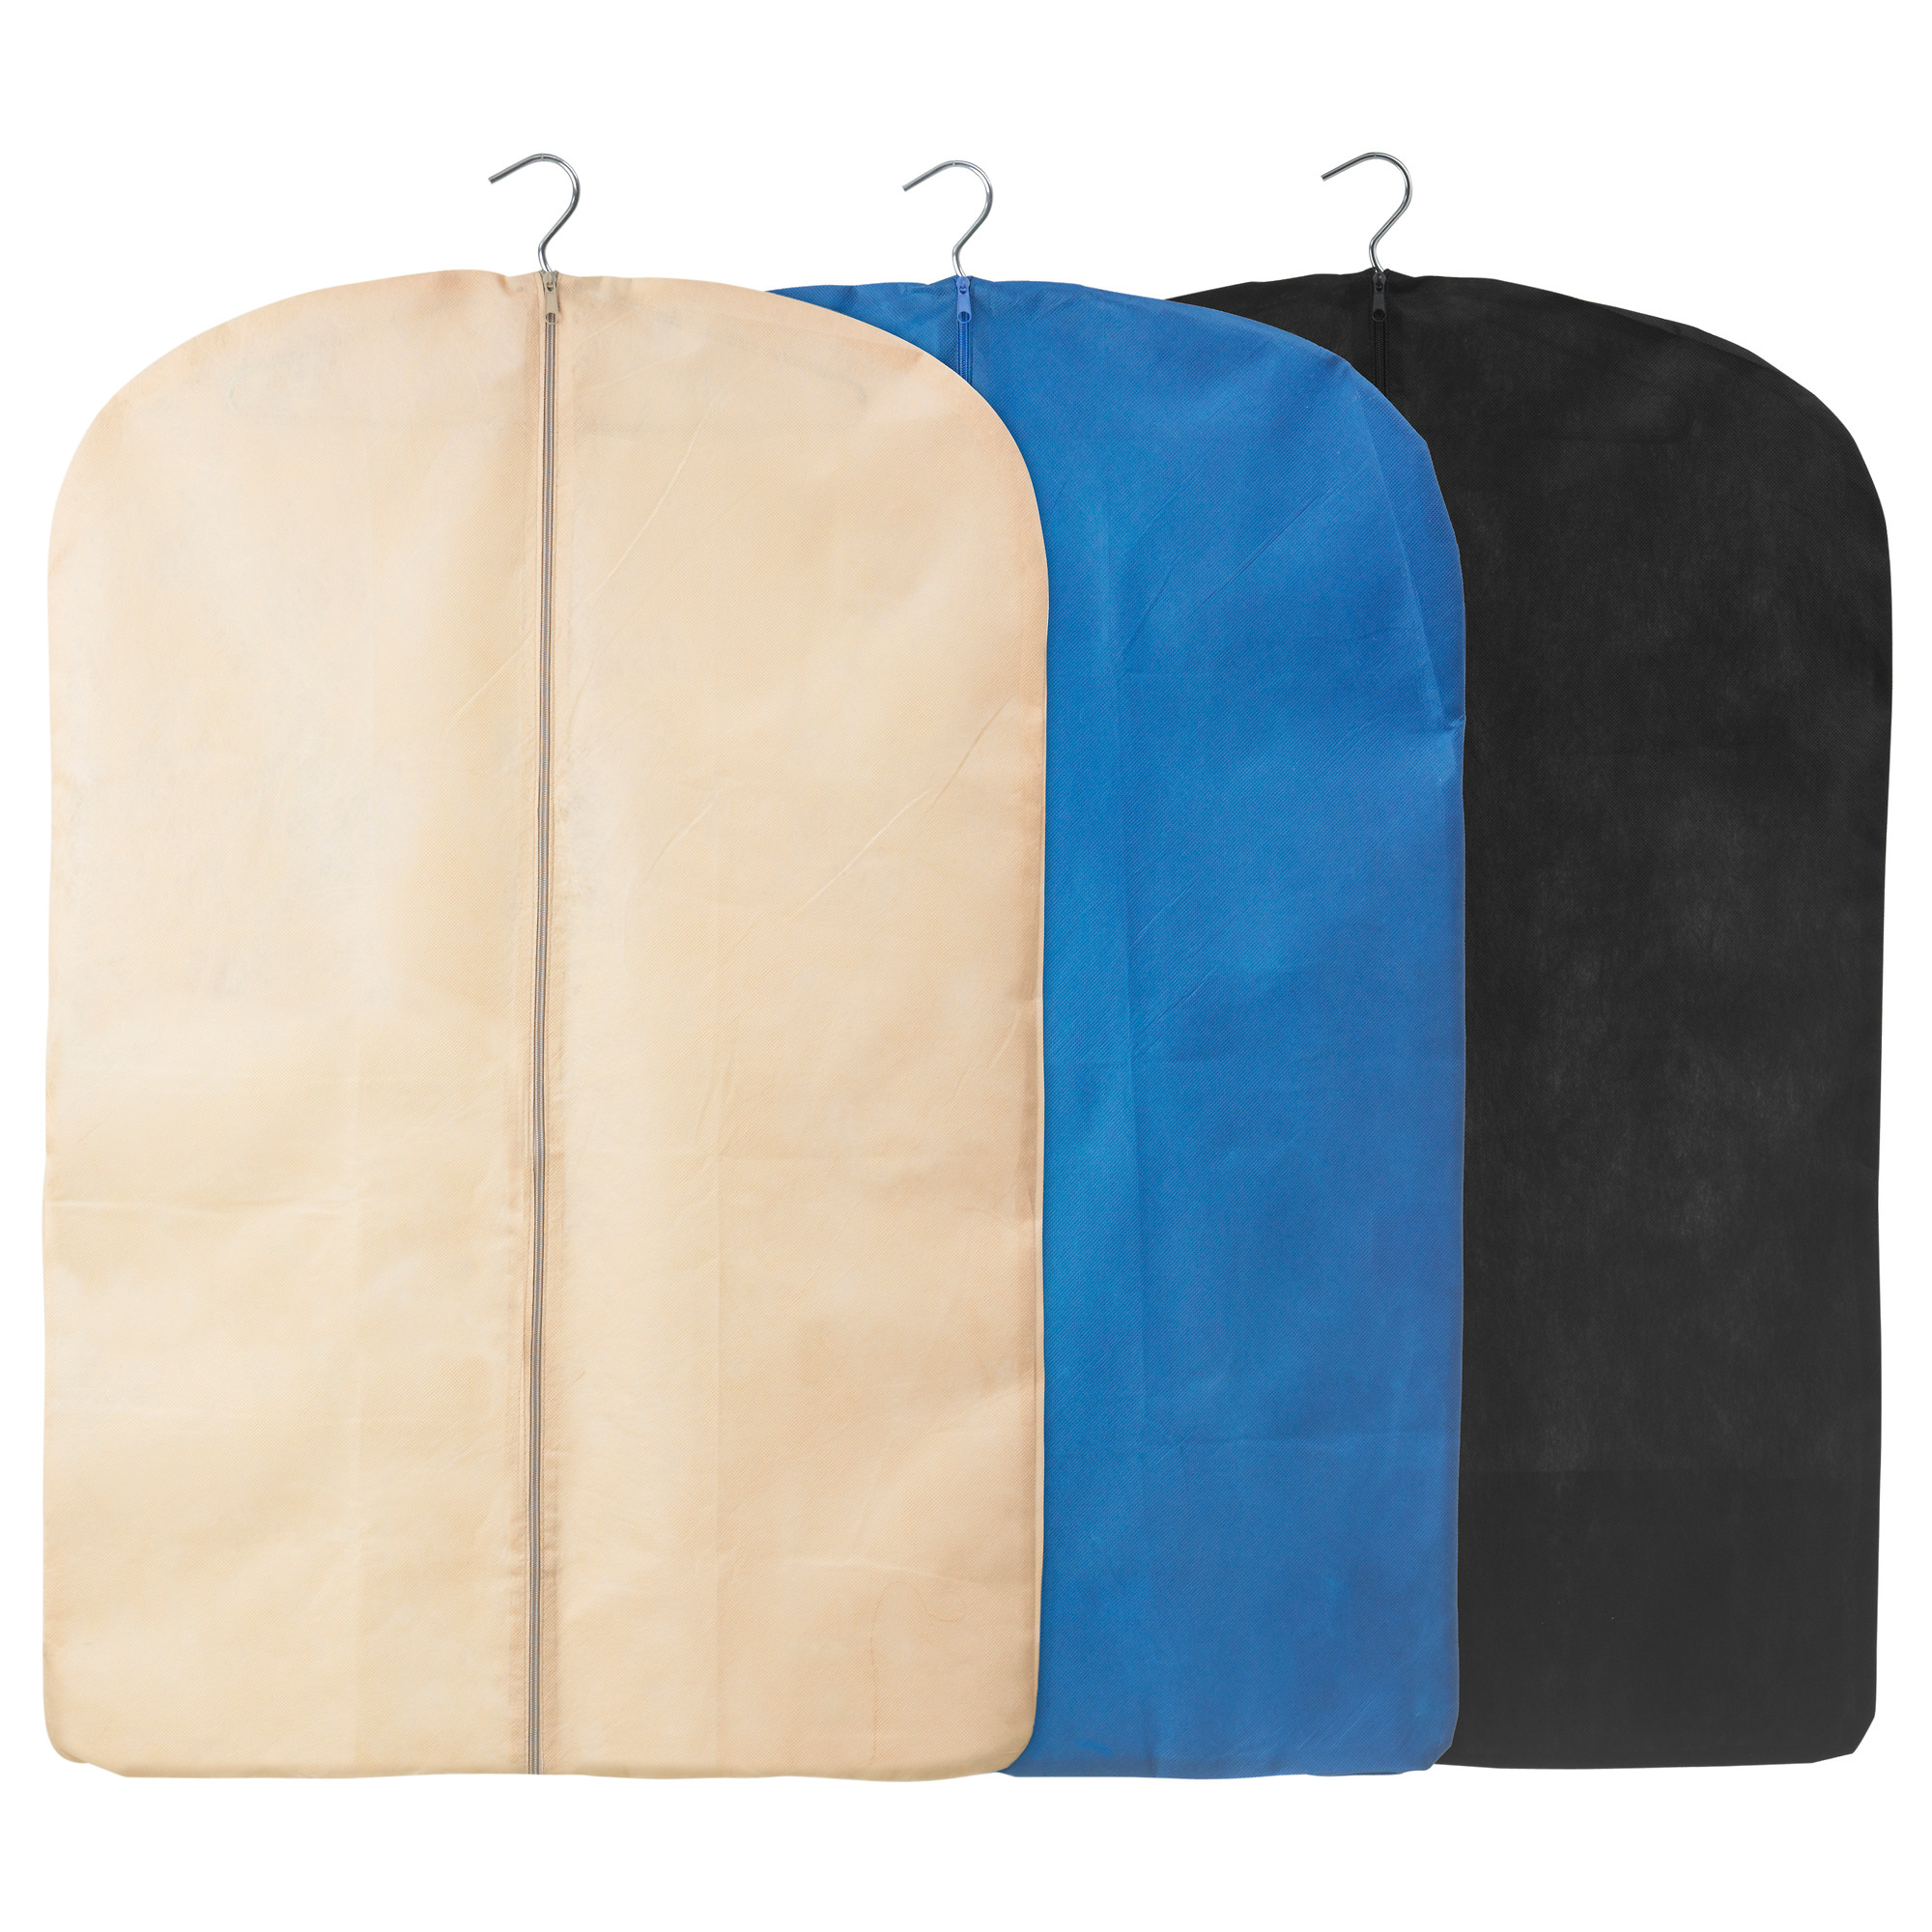 Цветные чехлы для хранения одежды